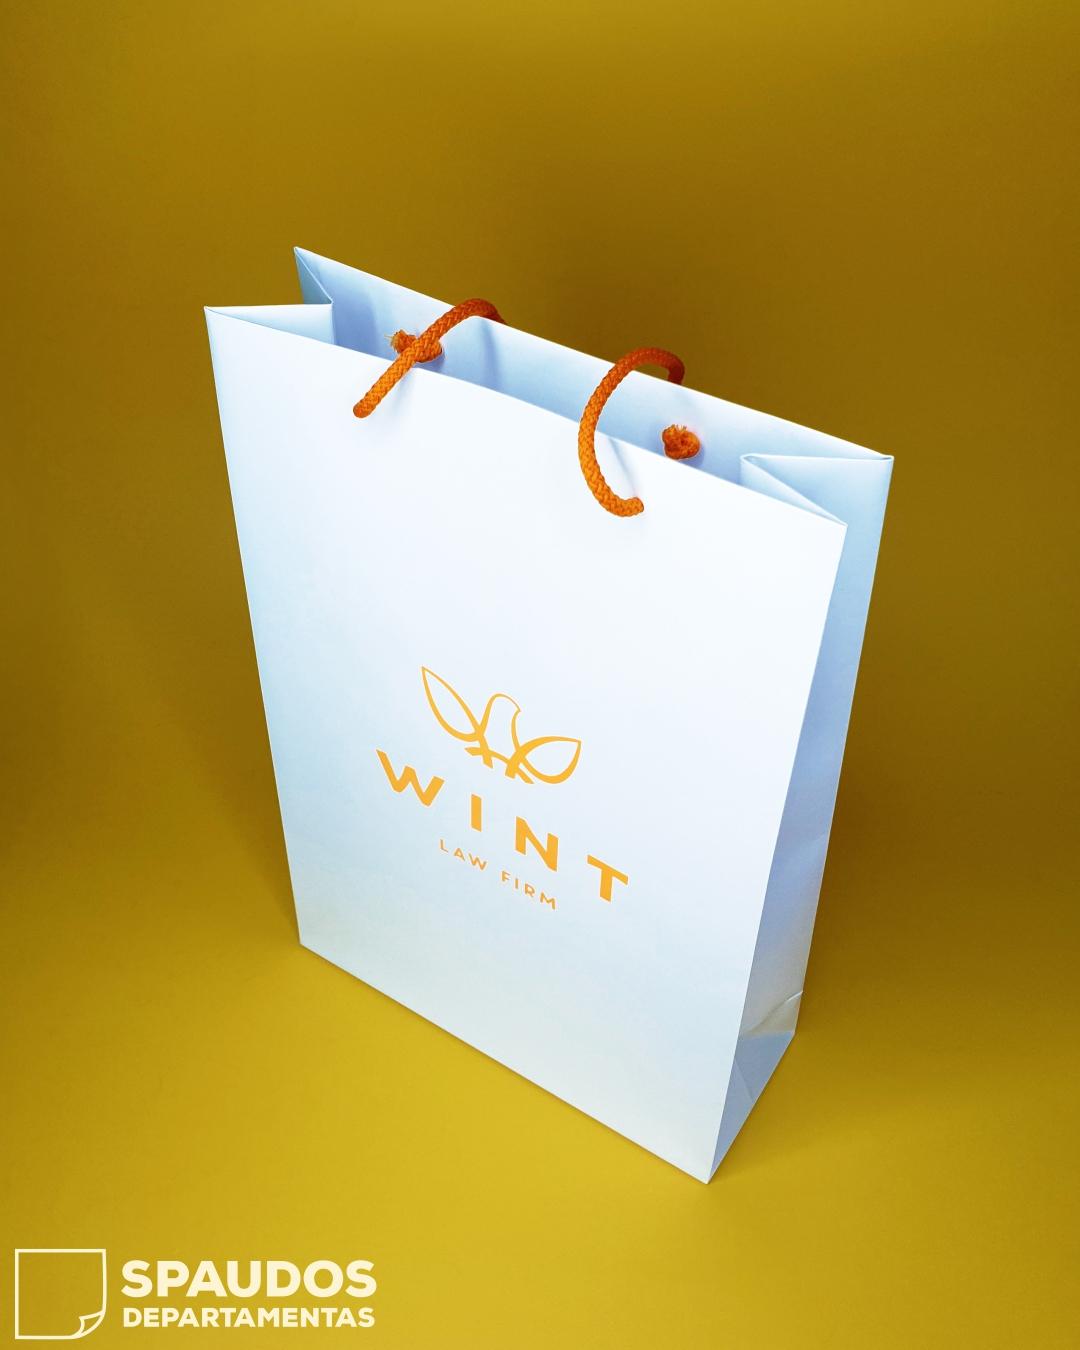 WINT popieriniai maišeliai